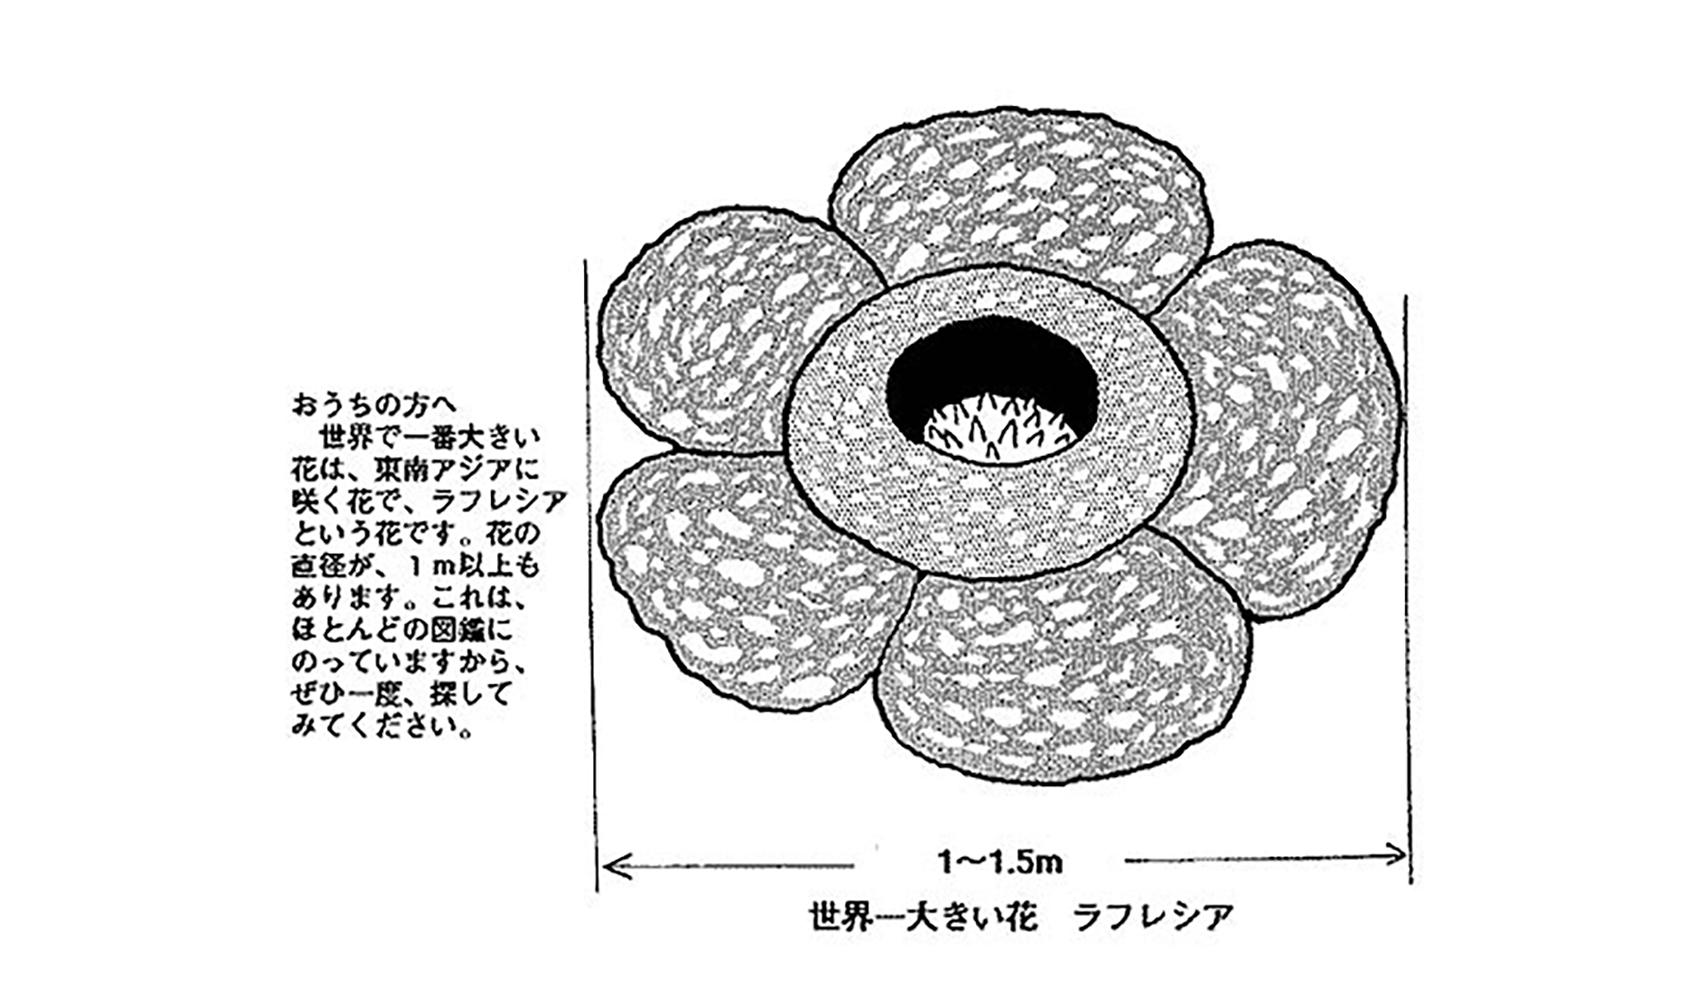 世界で一番小さい花は何